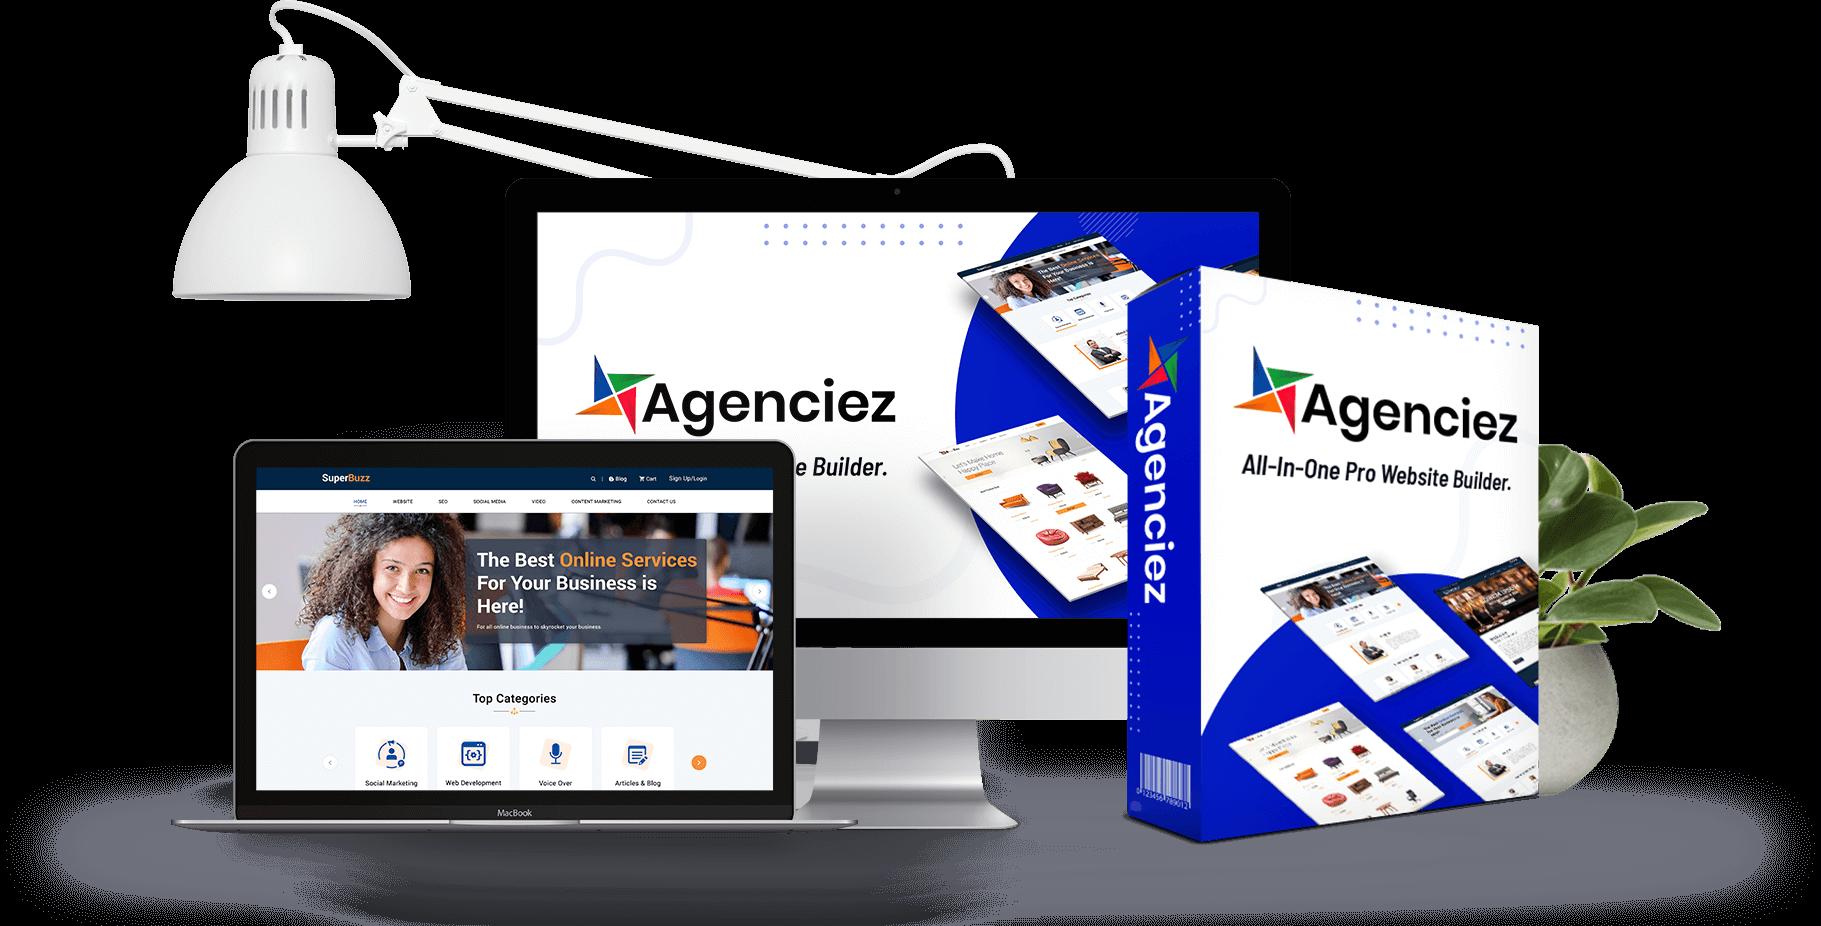 Agenciez Commercial Pro Website Builder WordPress Websites